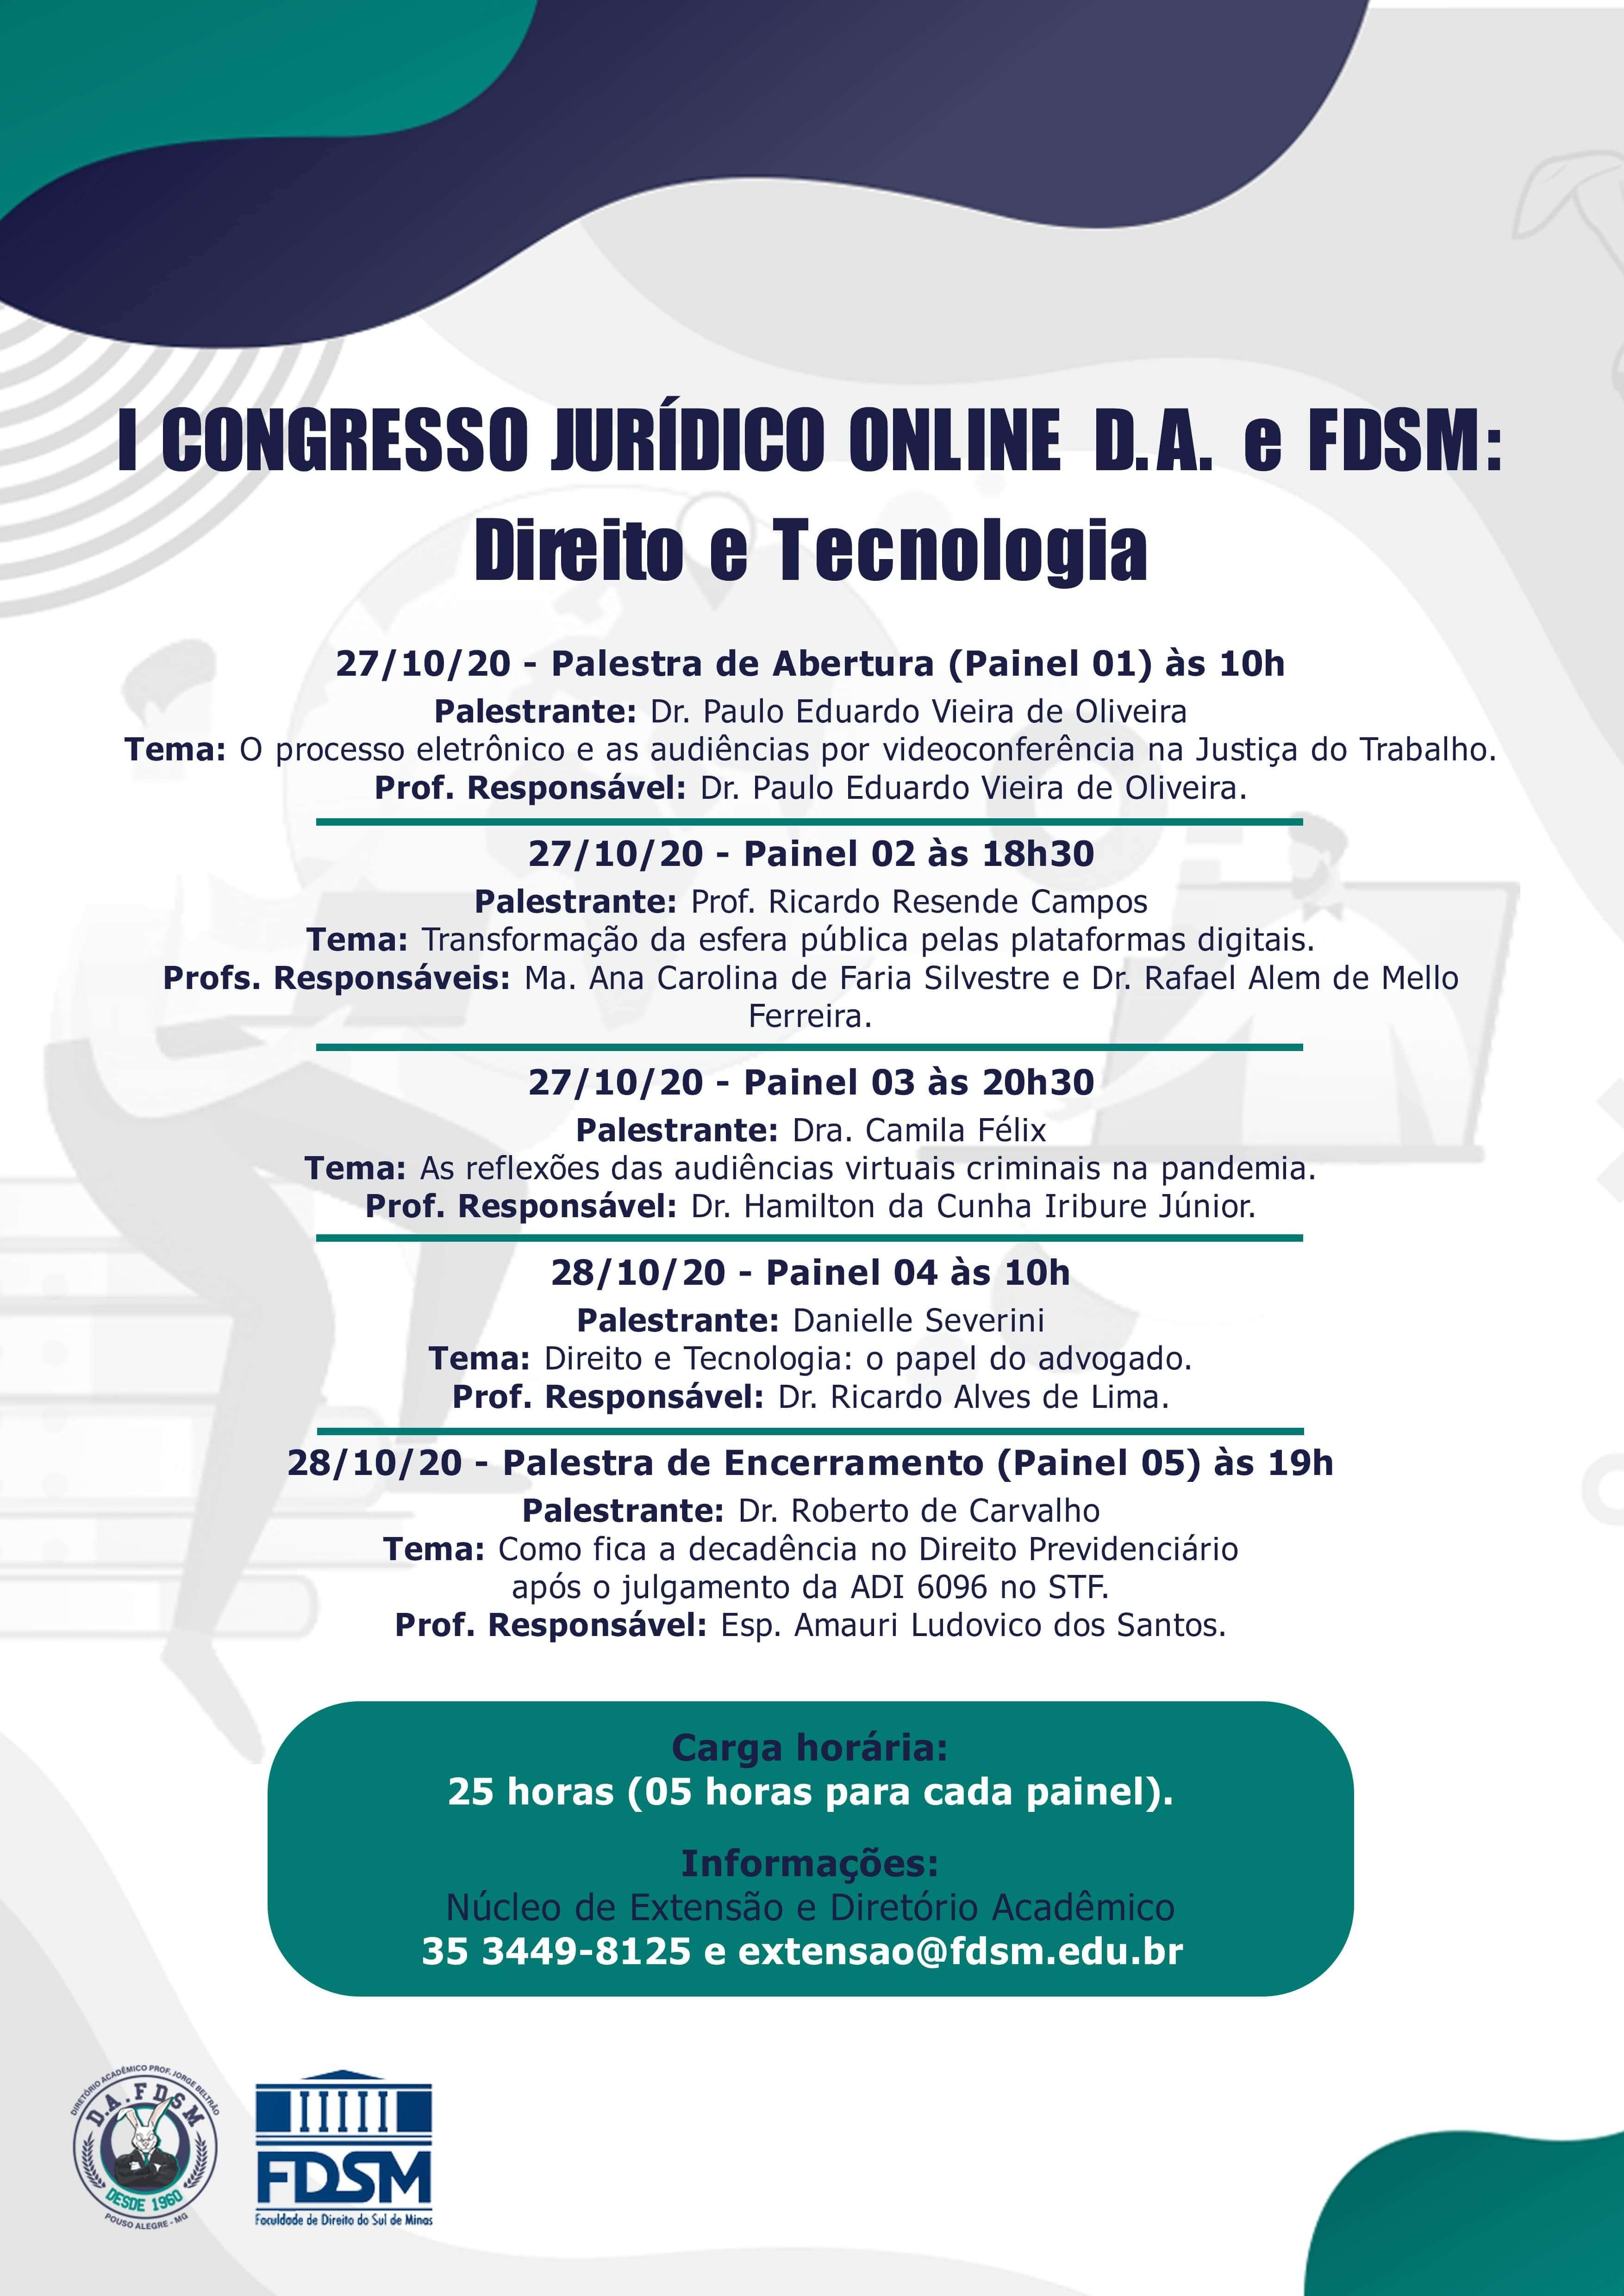 Evento 687 - I CONGRESSO JURÍDICO ONLINE D.A. E FDSM: DIREITO E TECNOLOGIA